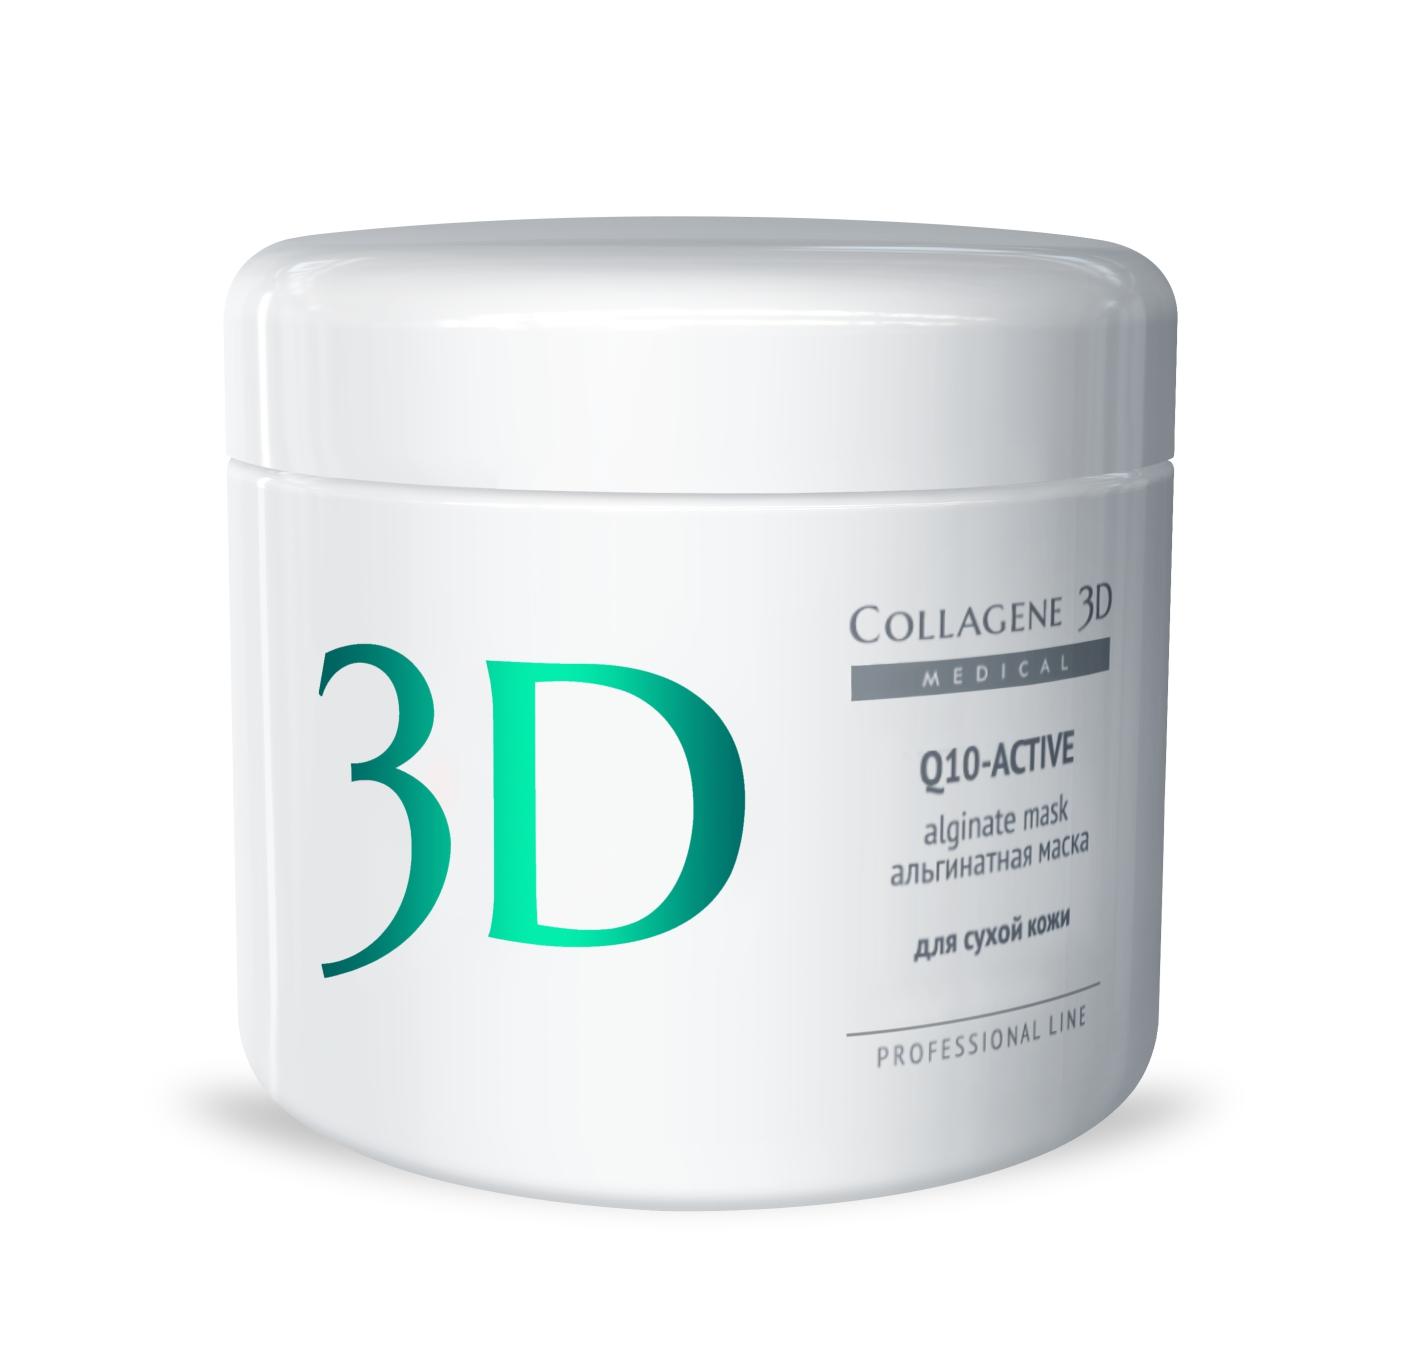 MEDICAL COLLAGENE 3D Маска альгинатная с маслом арганы и коэнзимом Q10 для лица и тела Q10-active 200гр